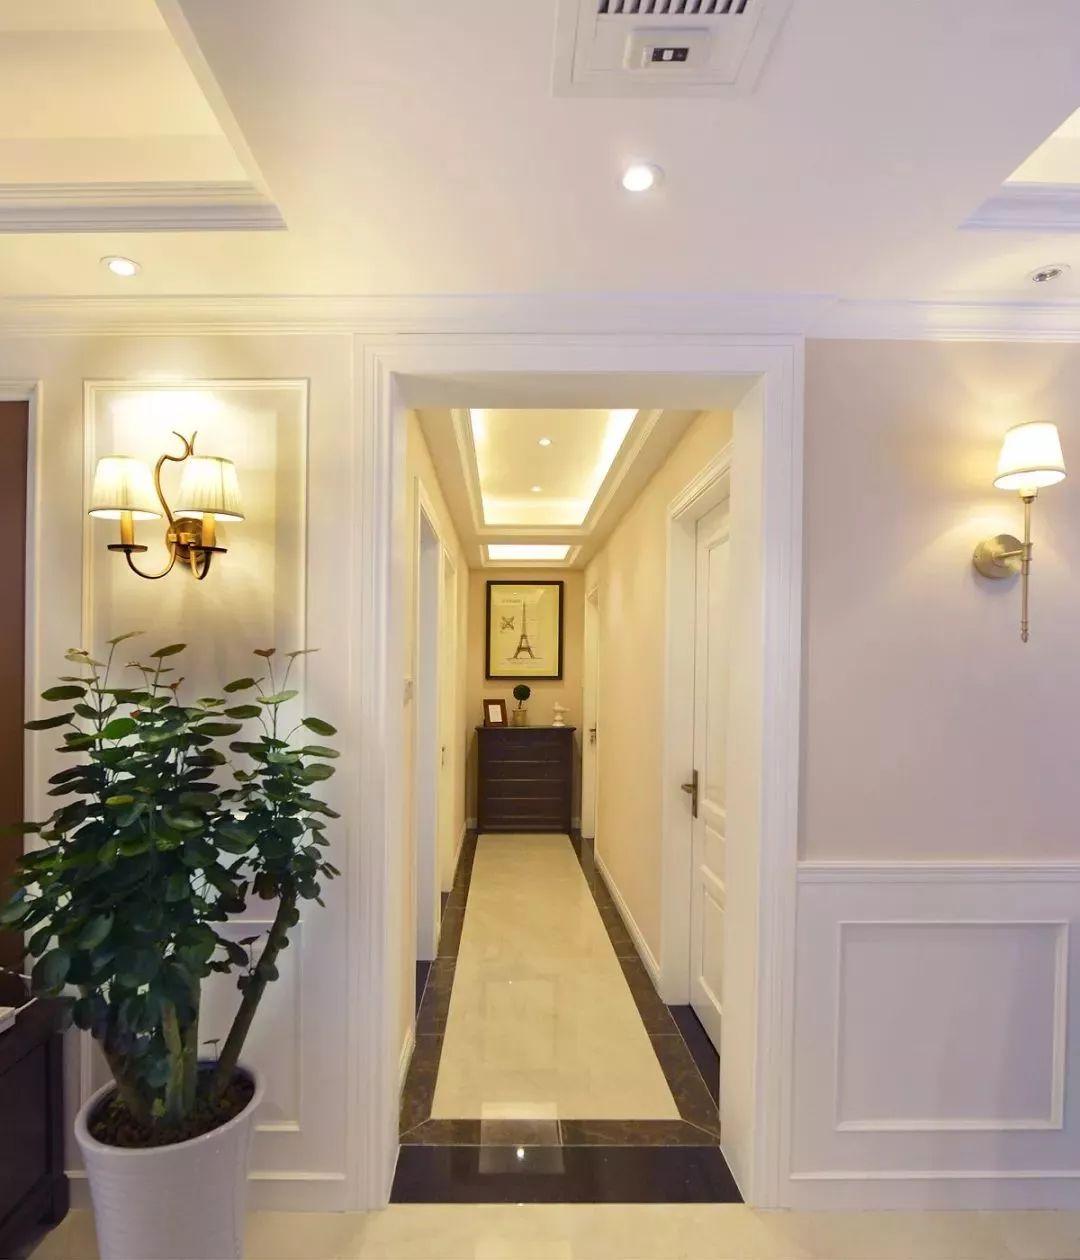 走廊瓷砖造型图片